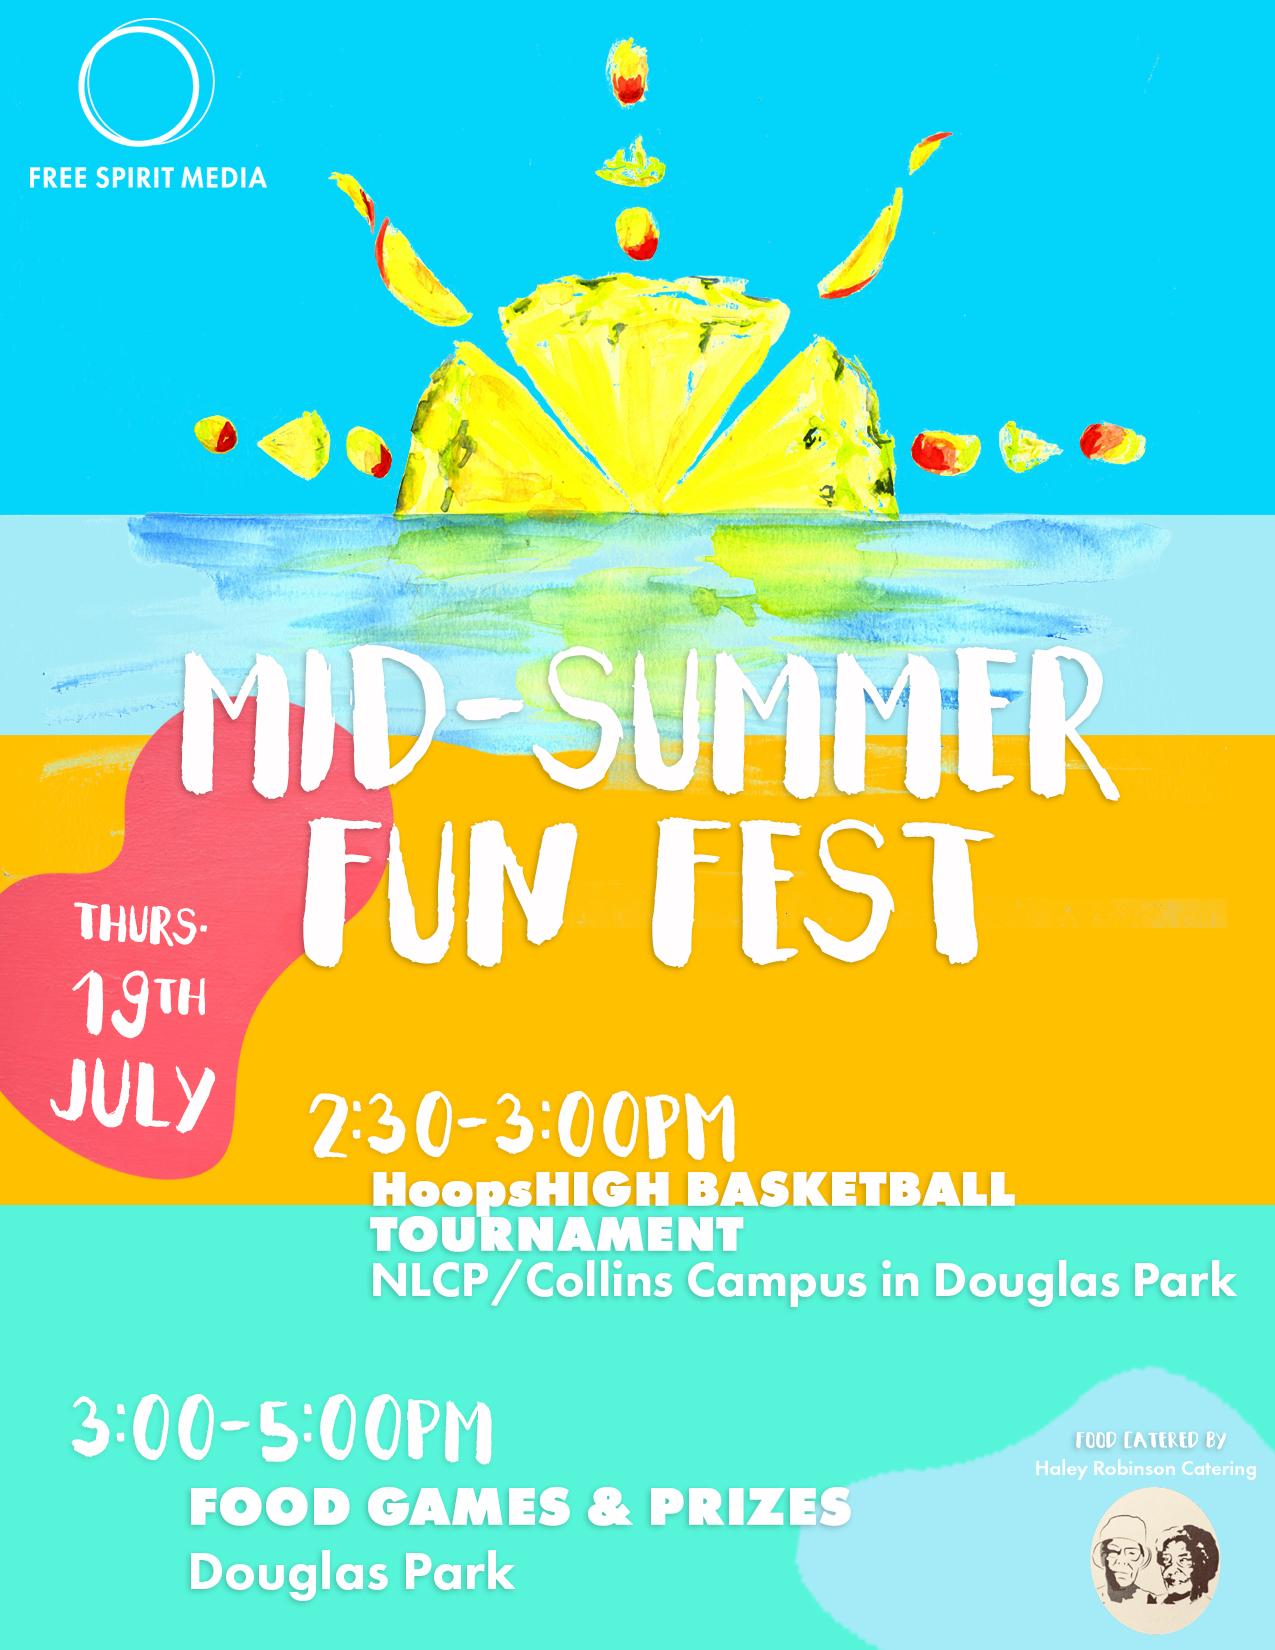 Mid-Summer Fun Fest Flyer_Draft3.jpg